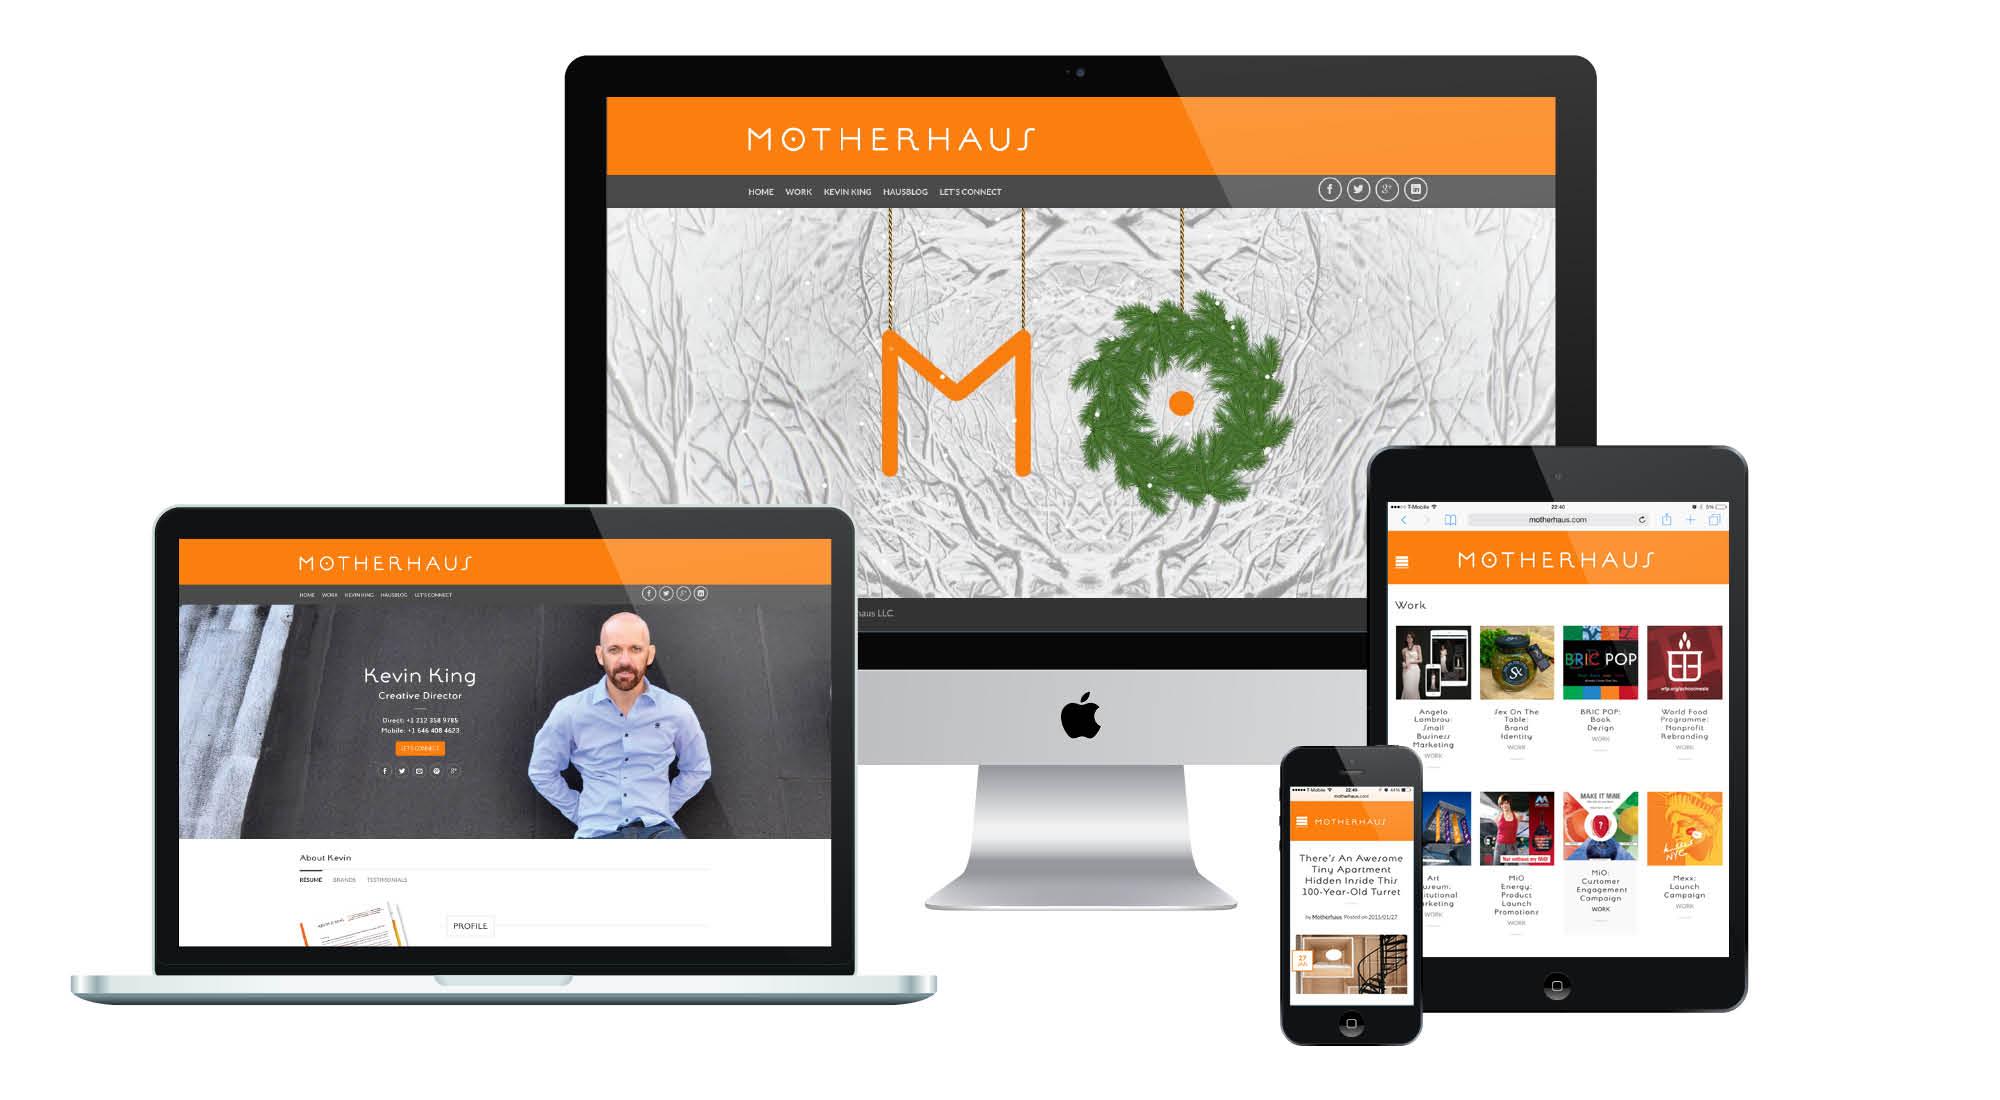 Motherhaus Responsive Website